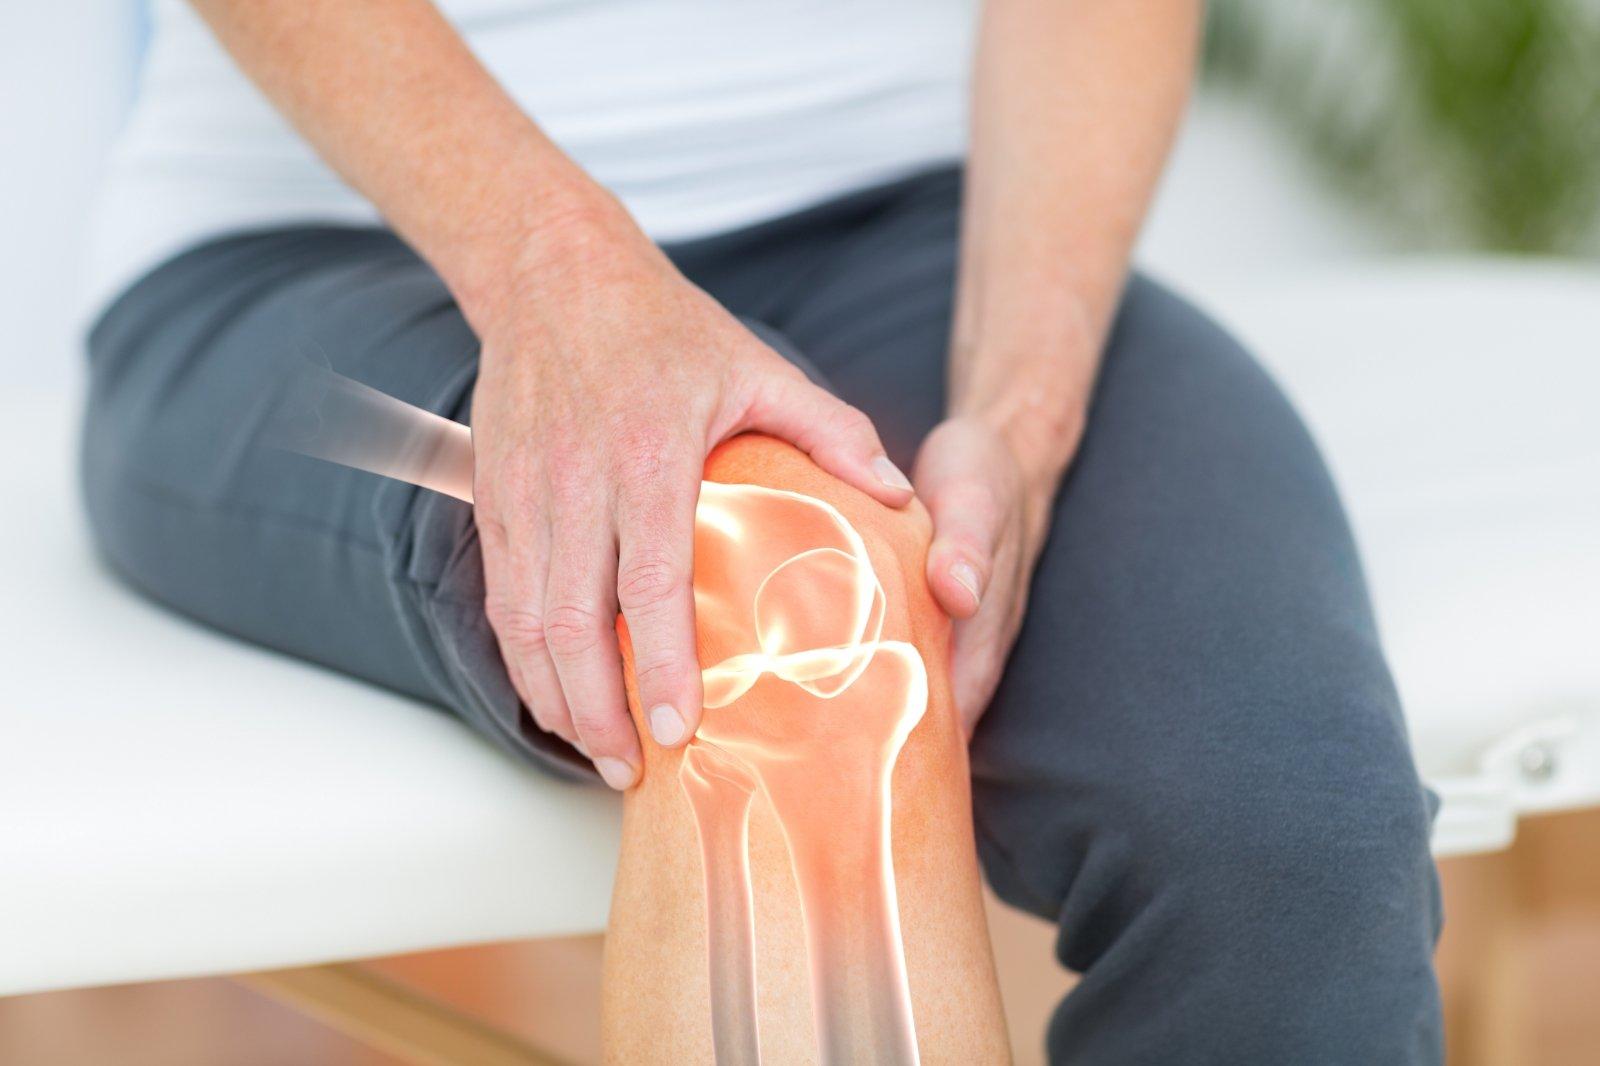 nuotraukos iš sąnarių skausmo ką daryti su sujungimo artritu ant piršto